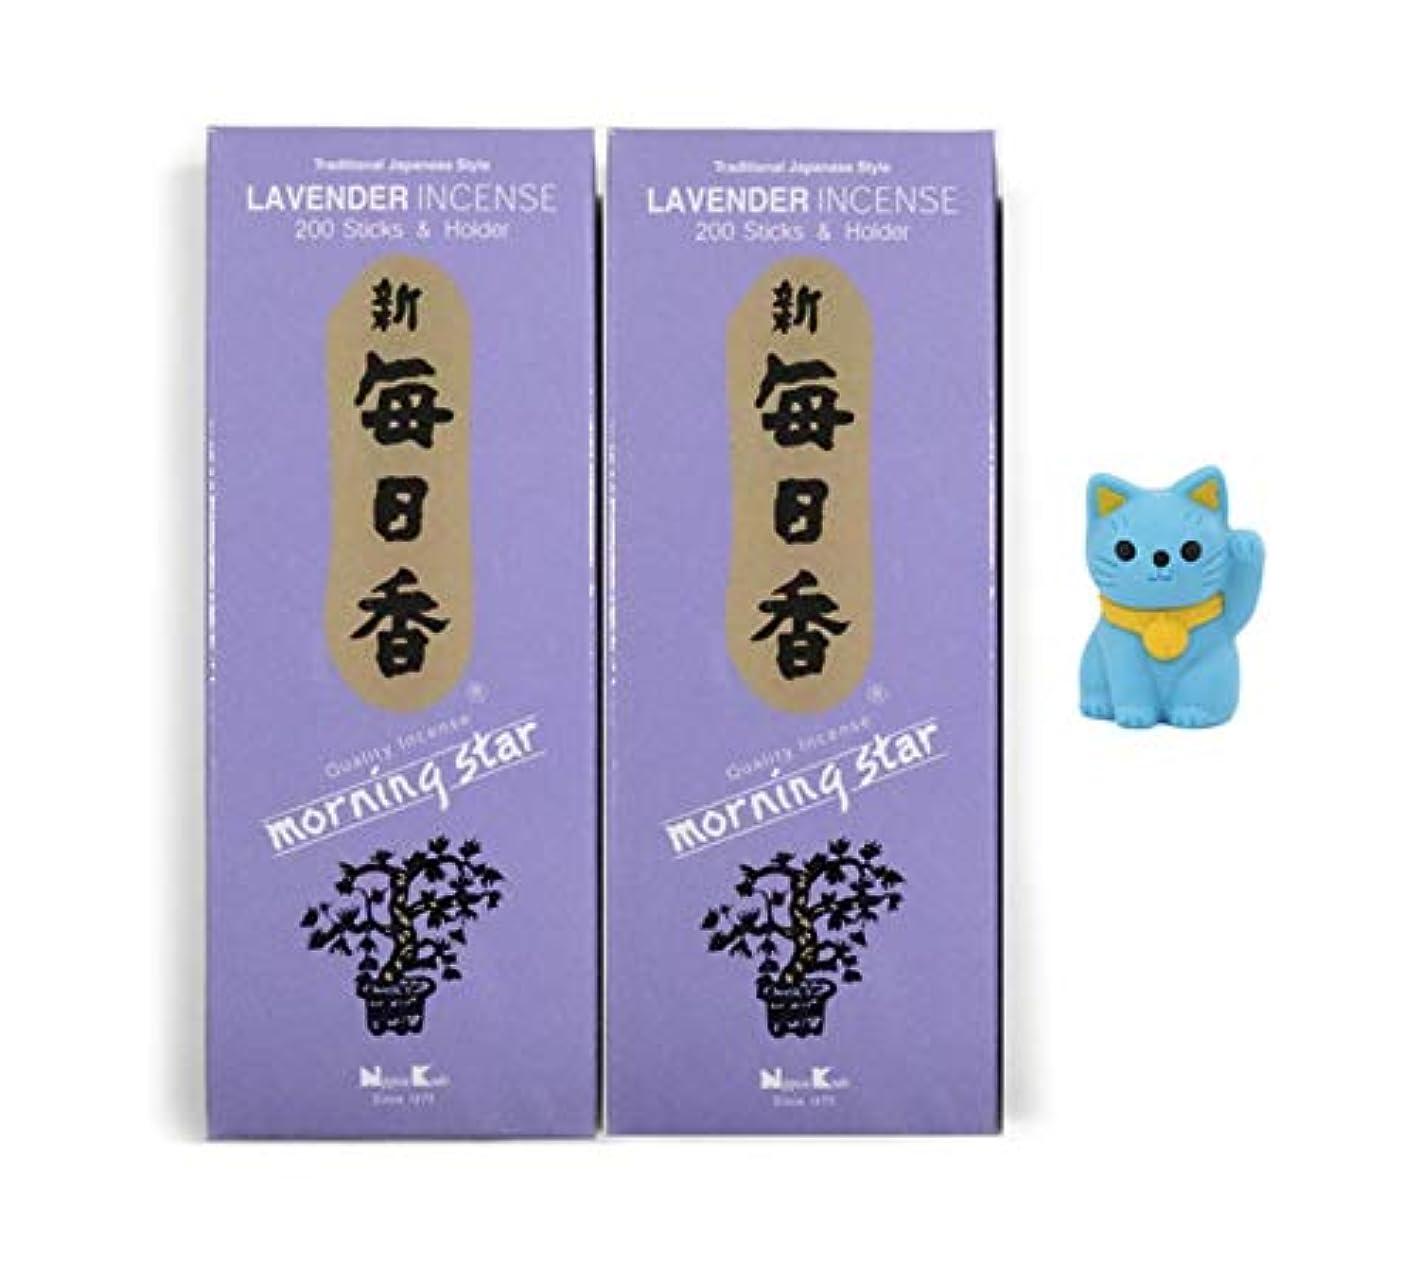 ドーム私たち自身任意日本香堂 モーニングスター香 ピュアフローラルエッセンスとアロマティックウッド パープル